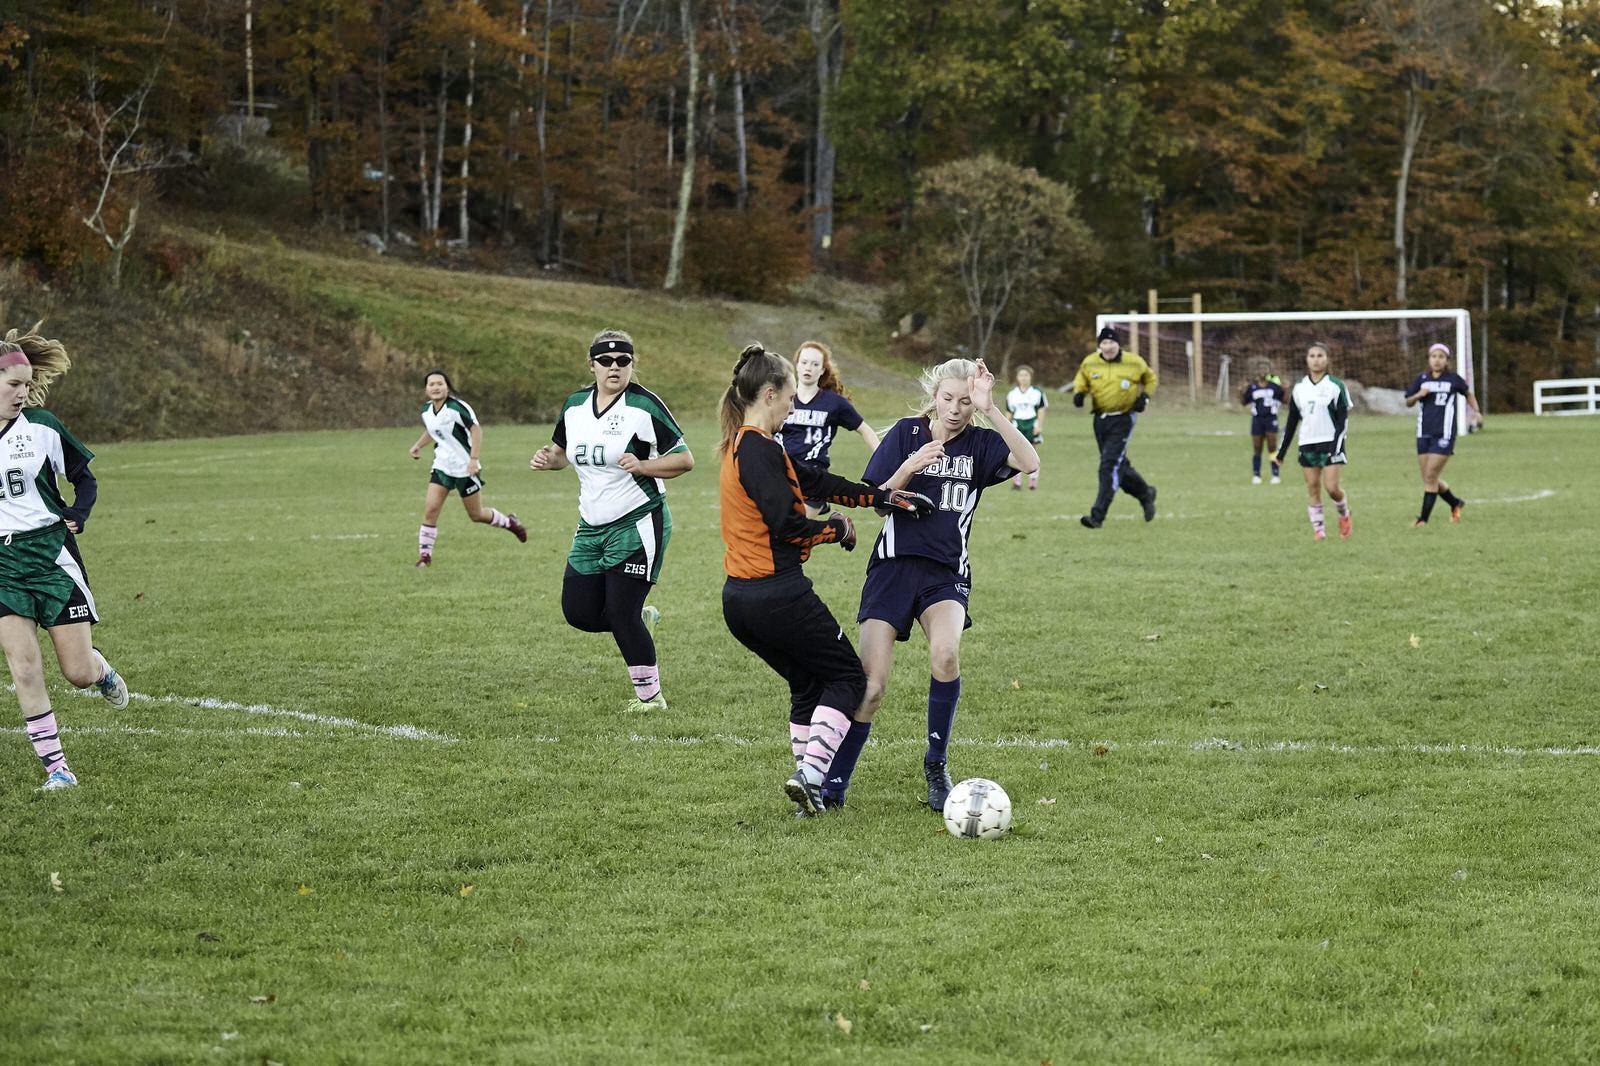 Girls Varsity Soccer vs. Eagle Hill School - October 30, 2018 139460.jpg